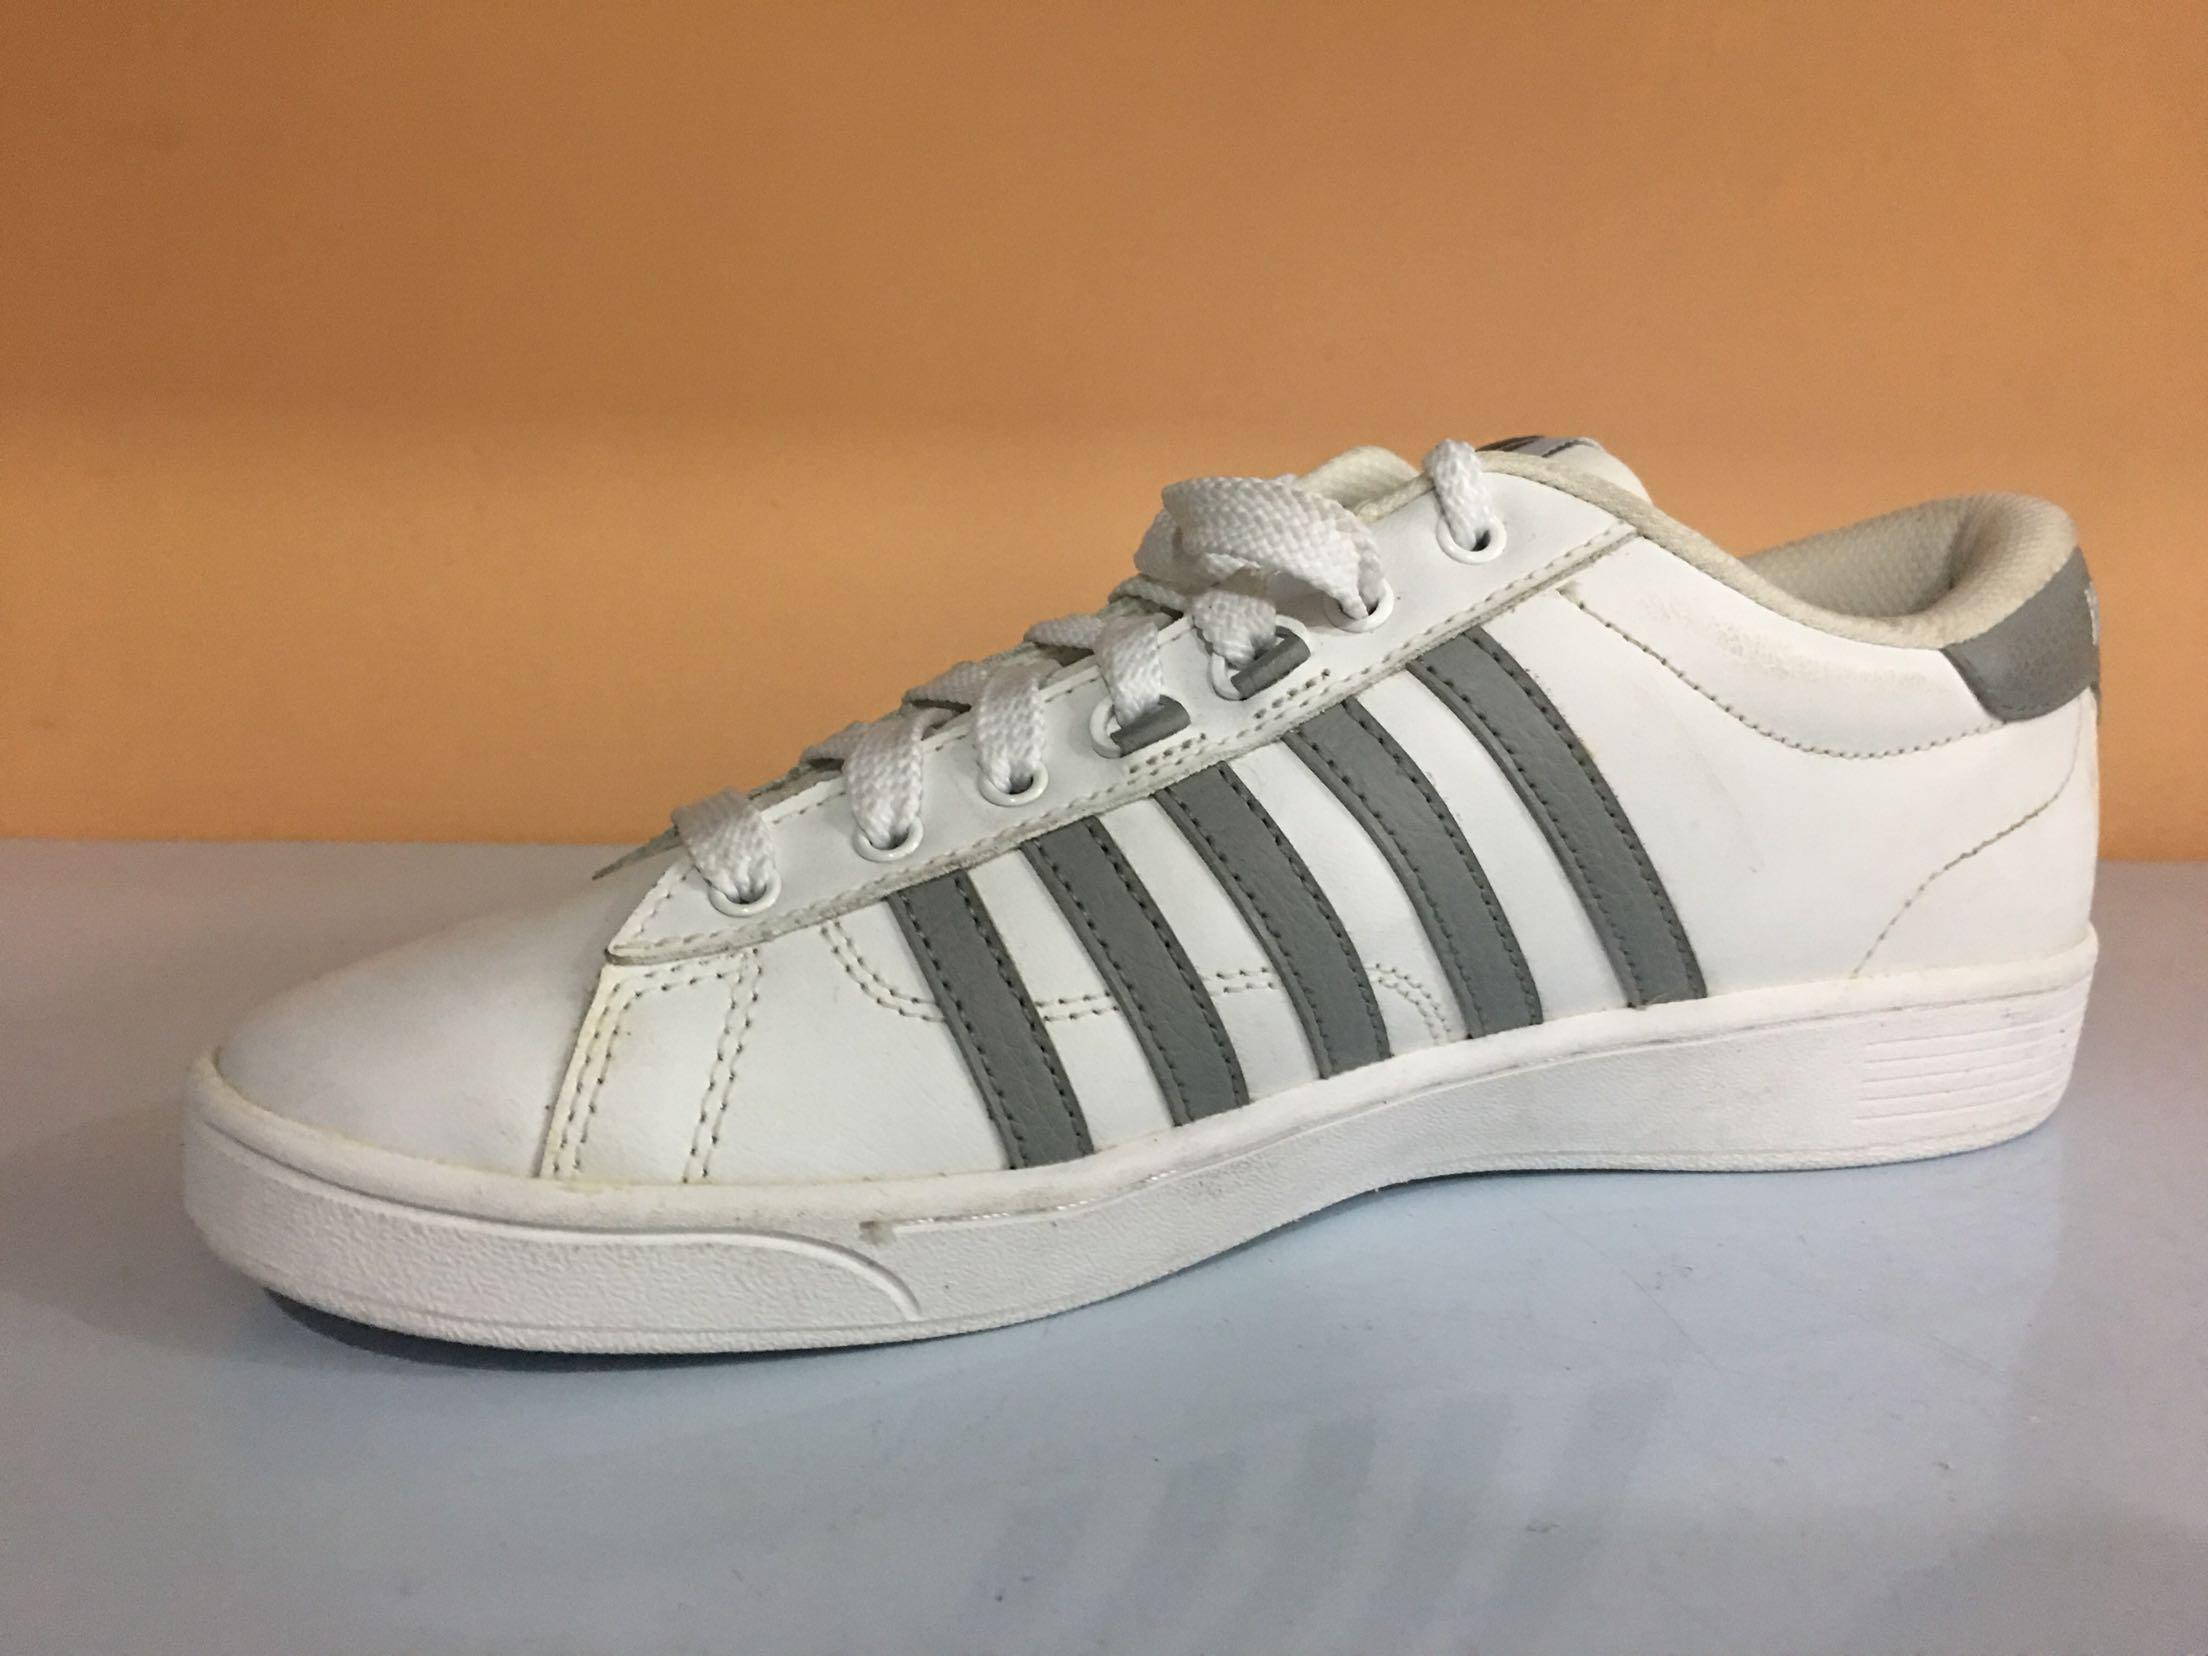 42 软底小白鞋 威时尚百搭休闲鞋牛皮板鞋 s 出口美国盖 差半码清货